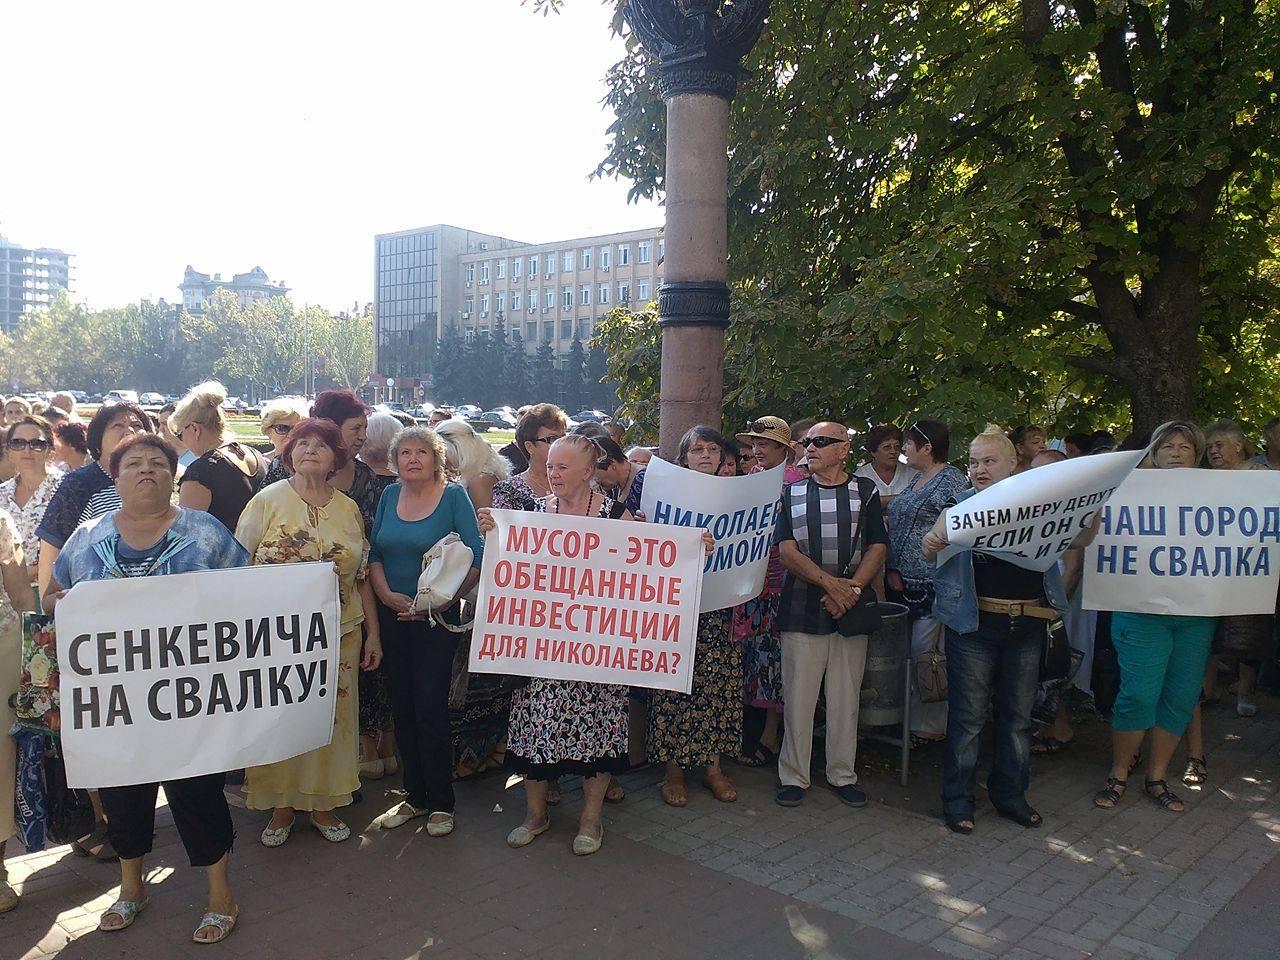 Сєнкевича на смітник: у Миколаєві пікетують міськраду проти львівських відходів - фото 1